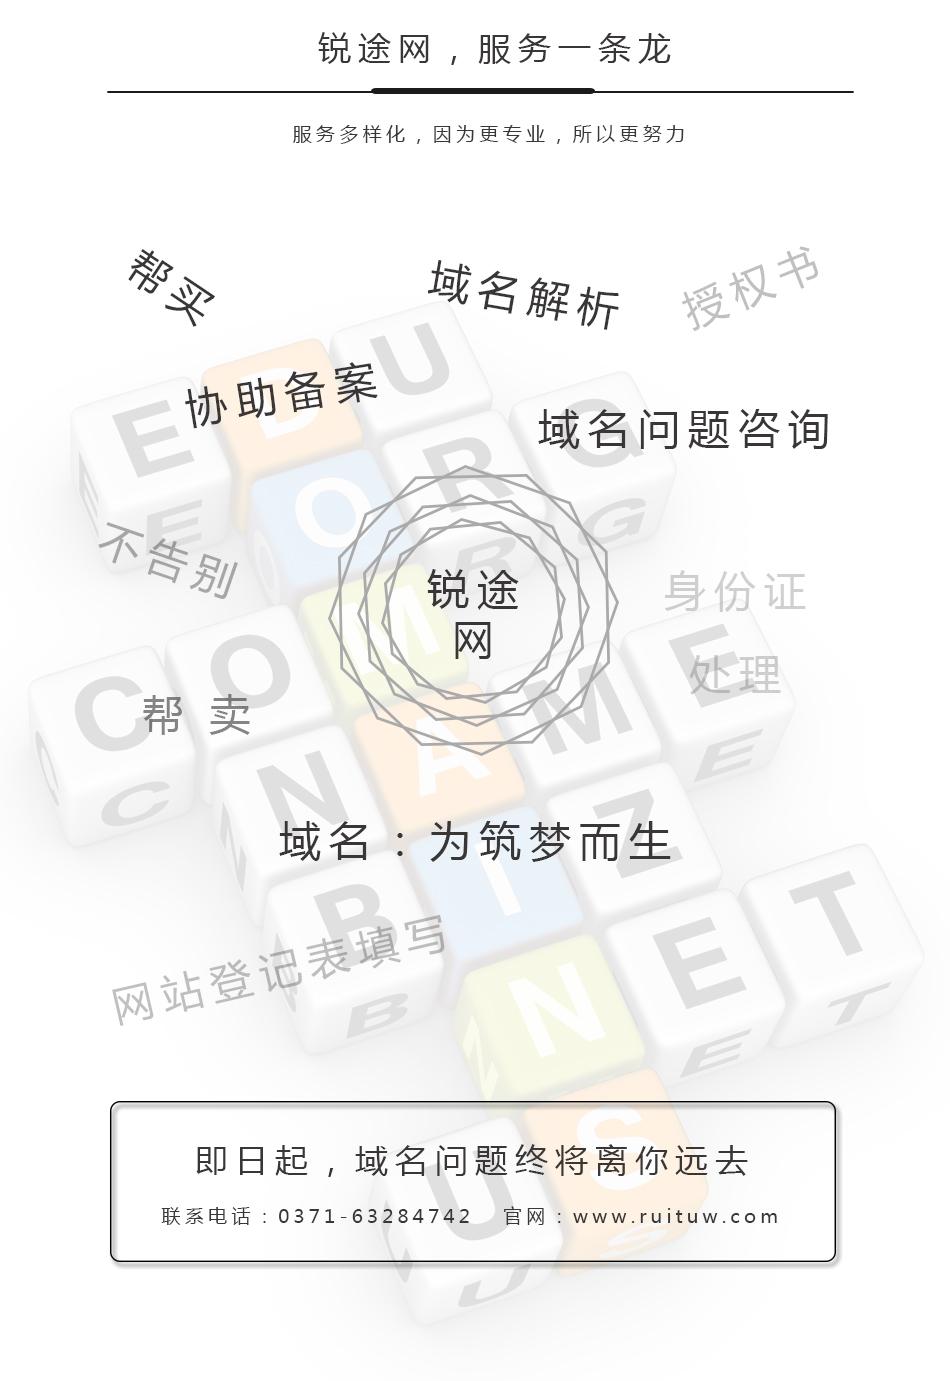 域名解析|域名帮买|协助域名备案|锐途网域名服务